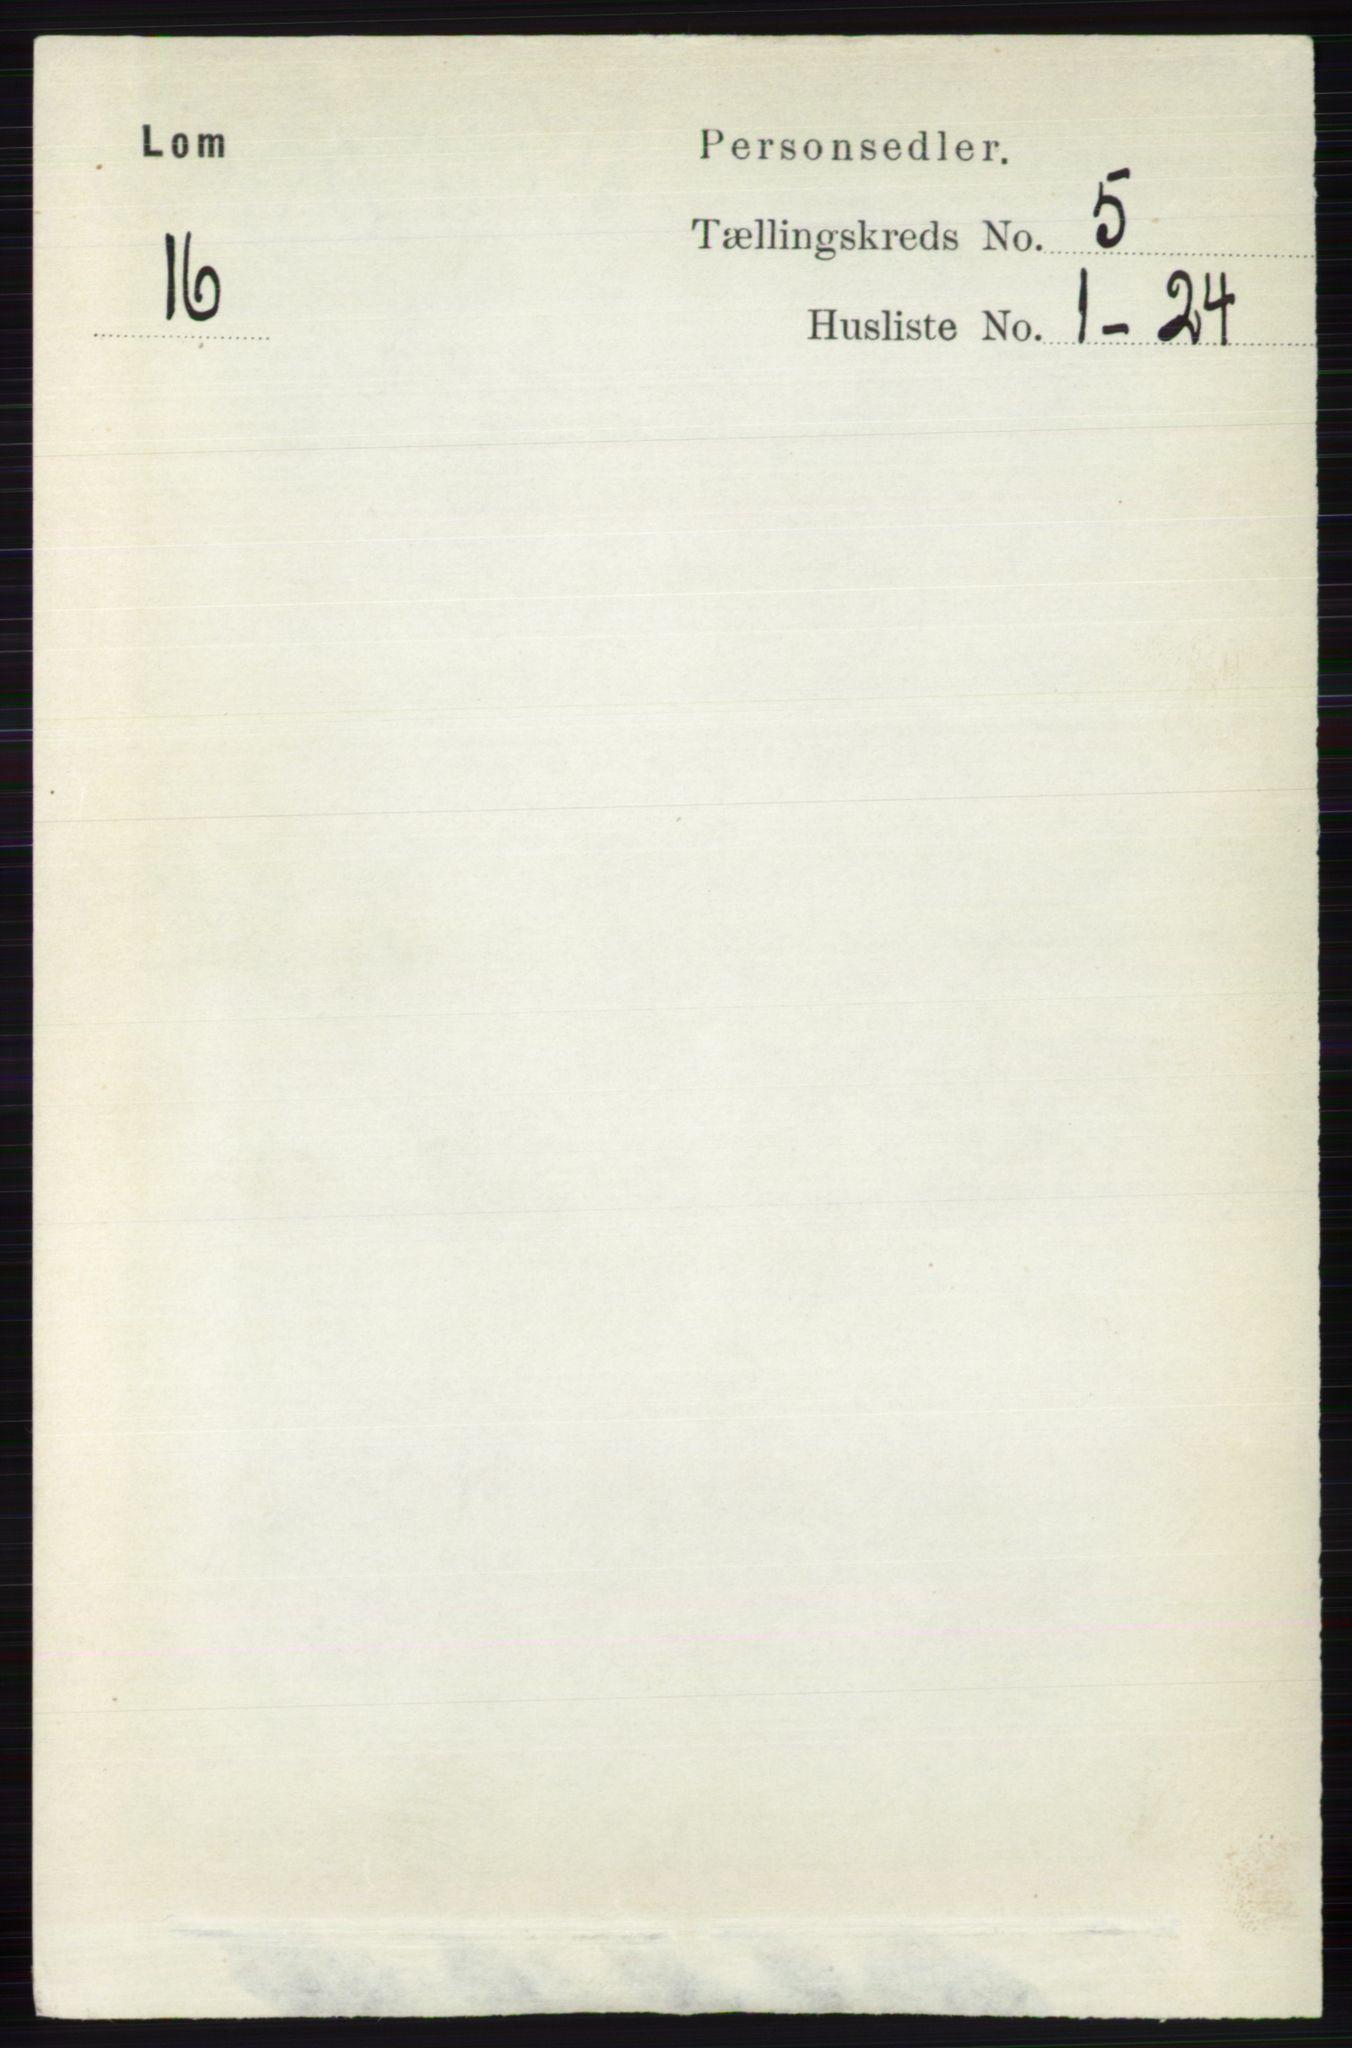 RA, Folketelling 1891 for 0514 Lom herred, 1891, s. 1850